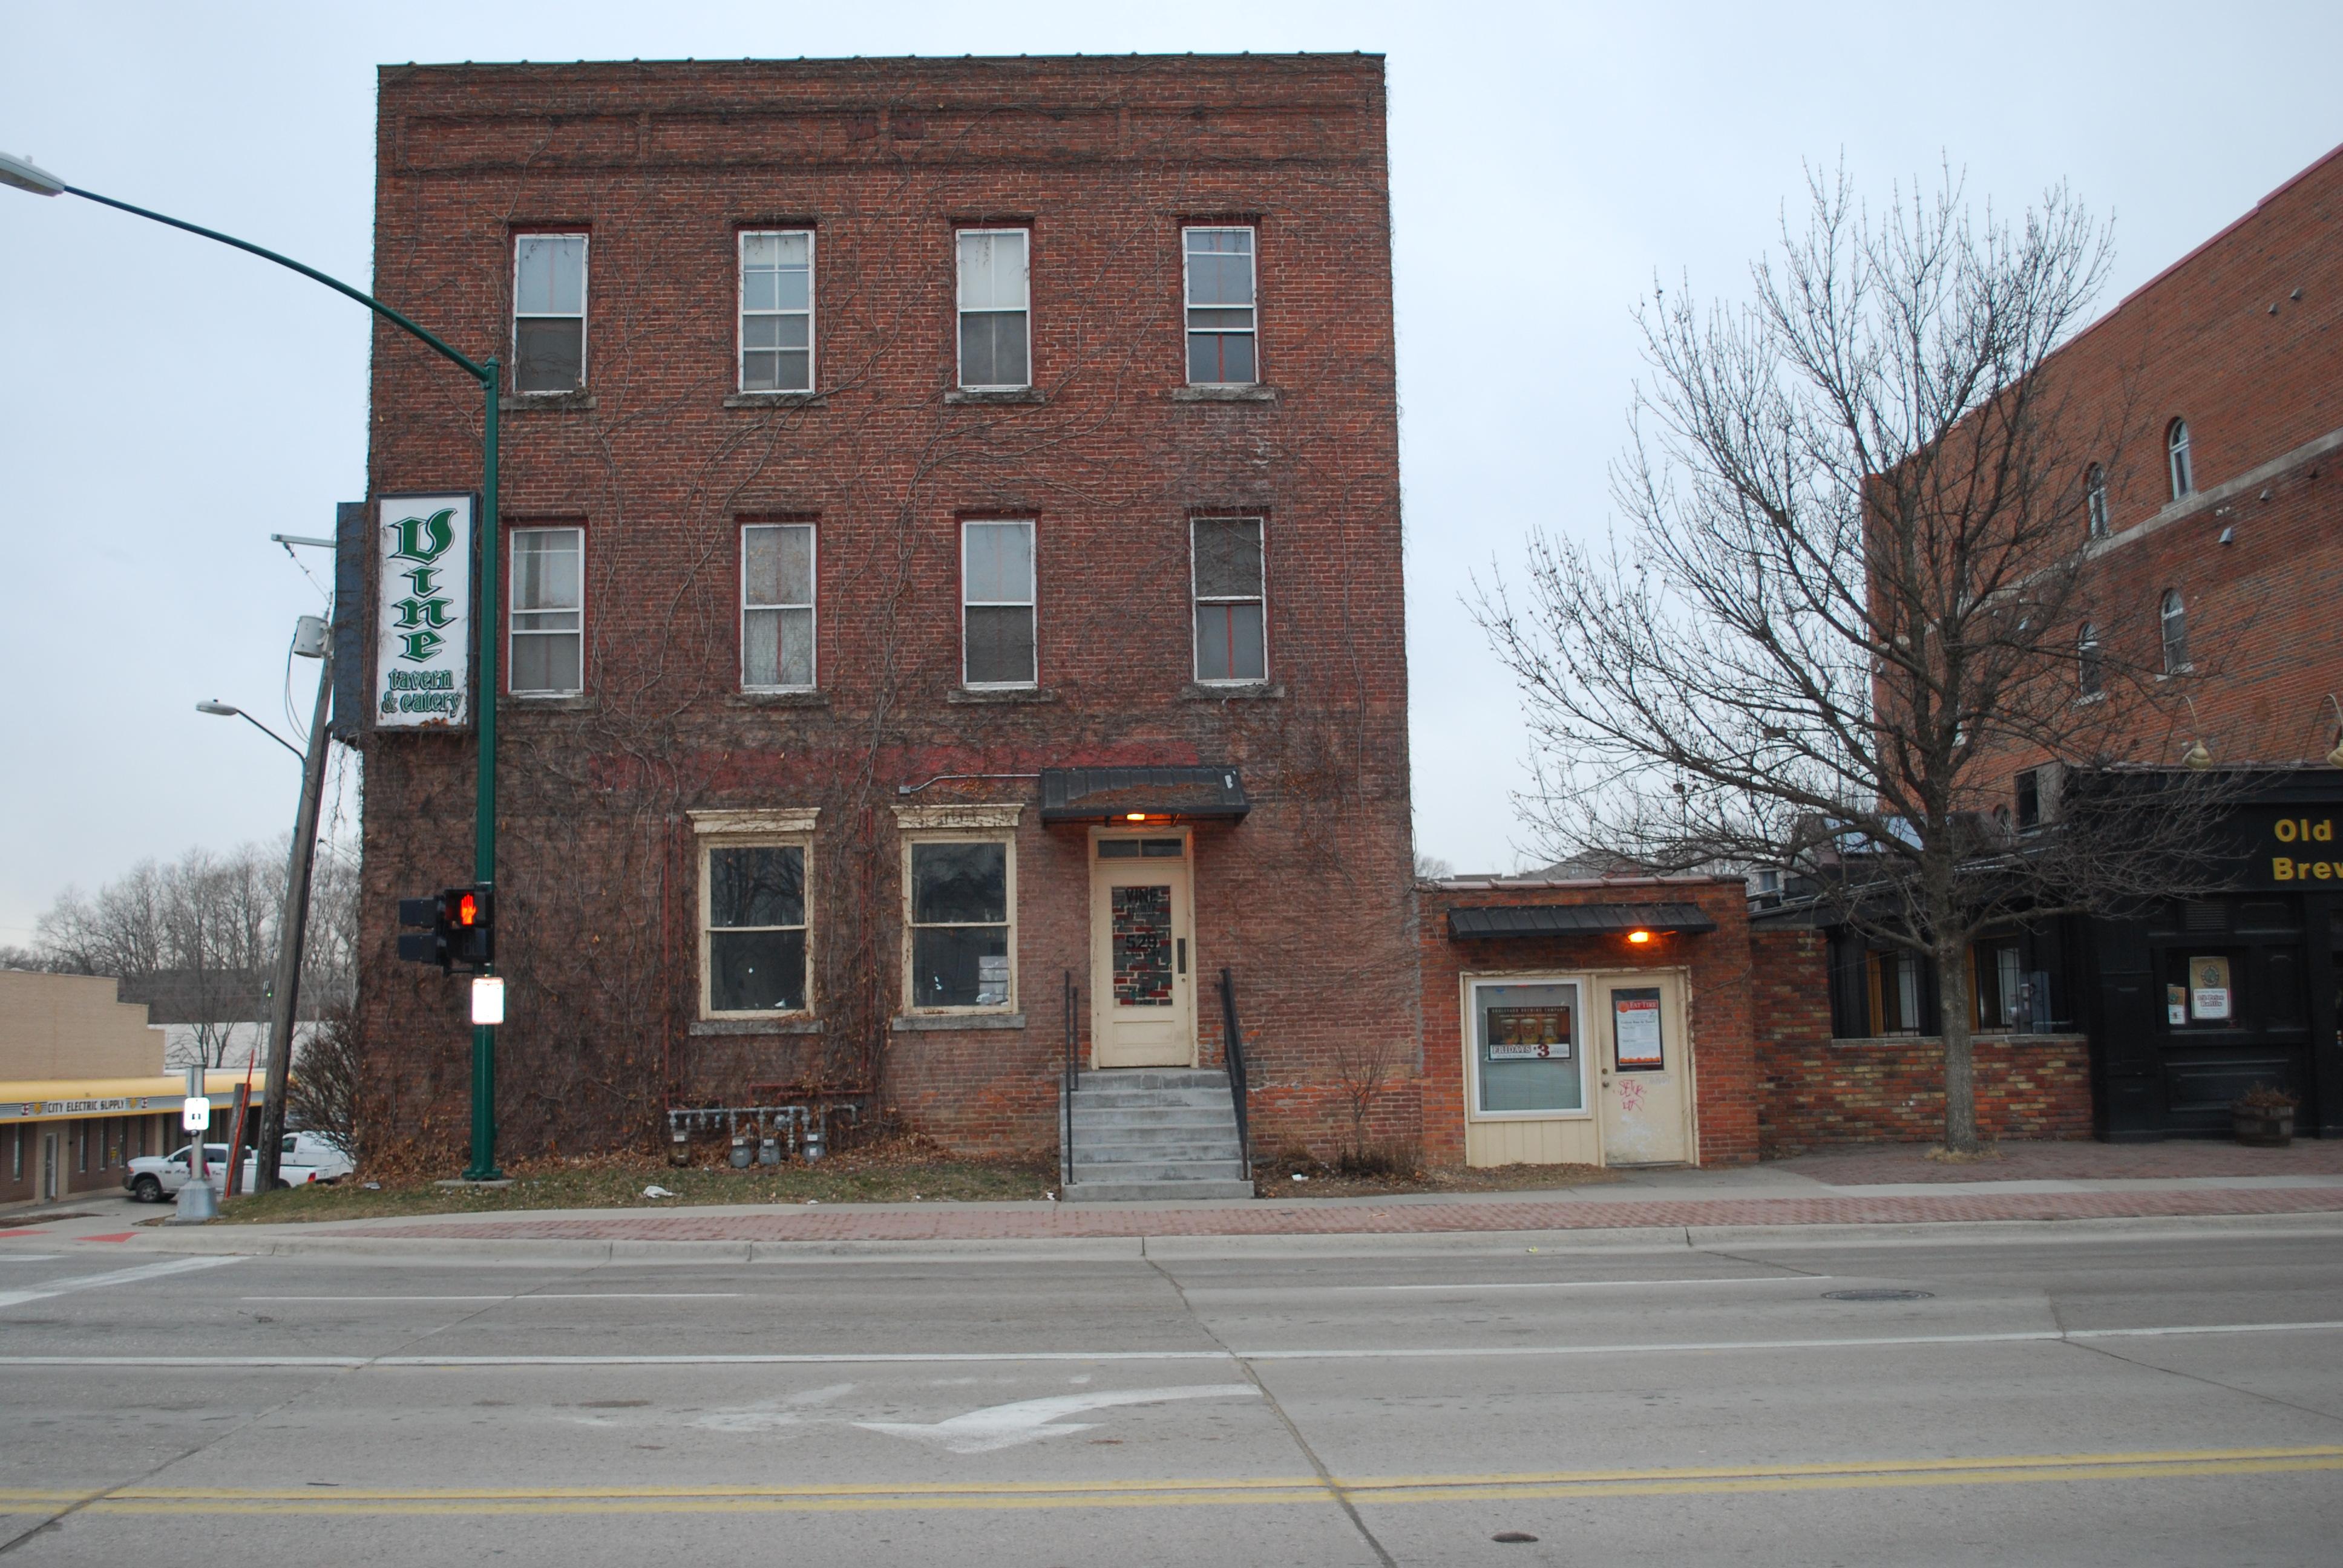 529 S. Gilbert Street